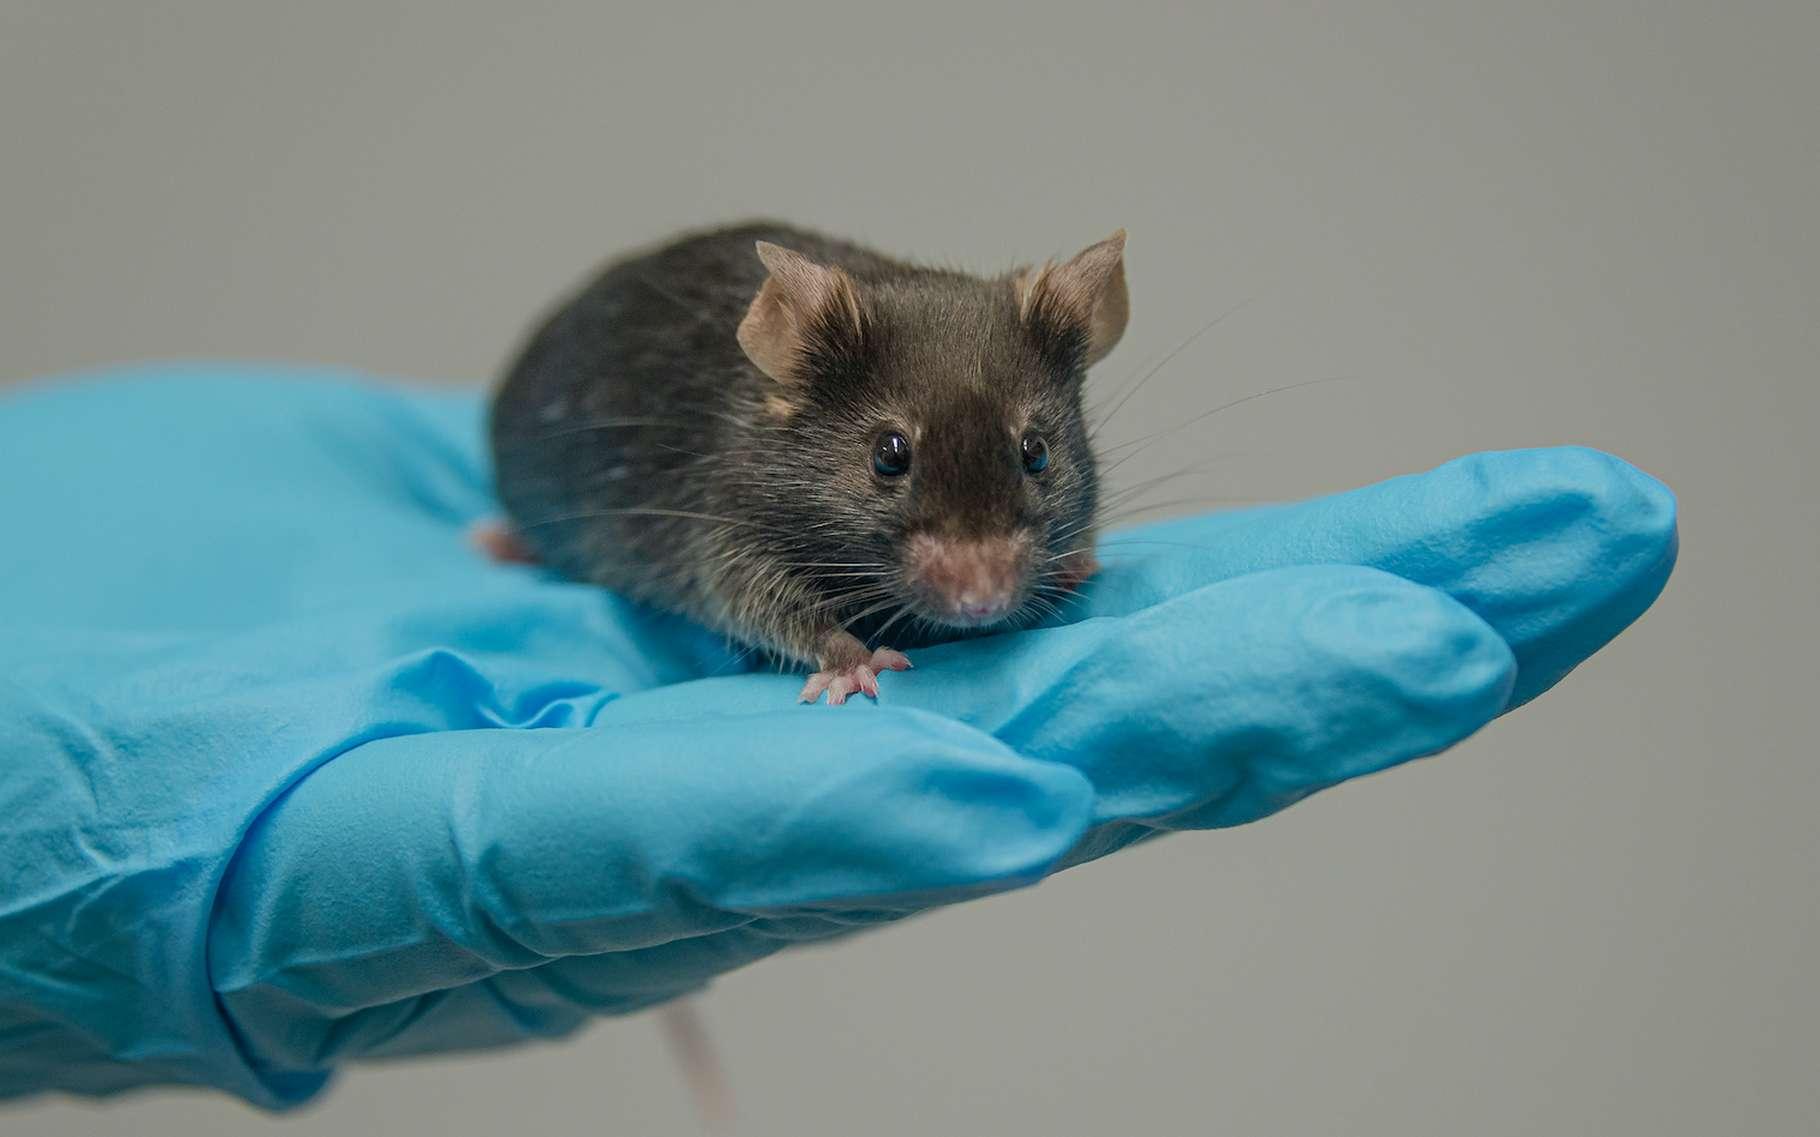 Des chercheurs de l'université de Yamanashi (Japon) affirment que le sperme de souris lyophilisé est très résistant aux rayonnements auxquels sont exposés les astronautes dans l'espace. © neurobite, Adobe Stock